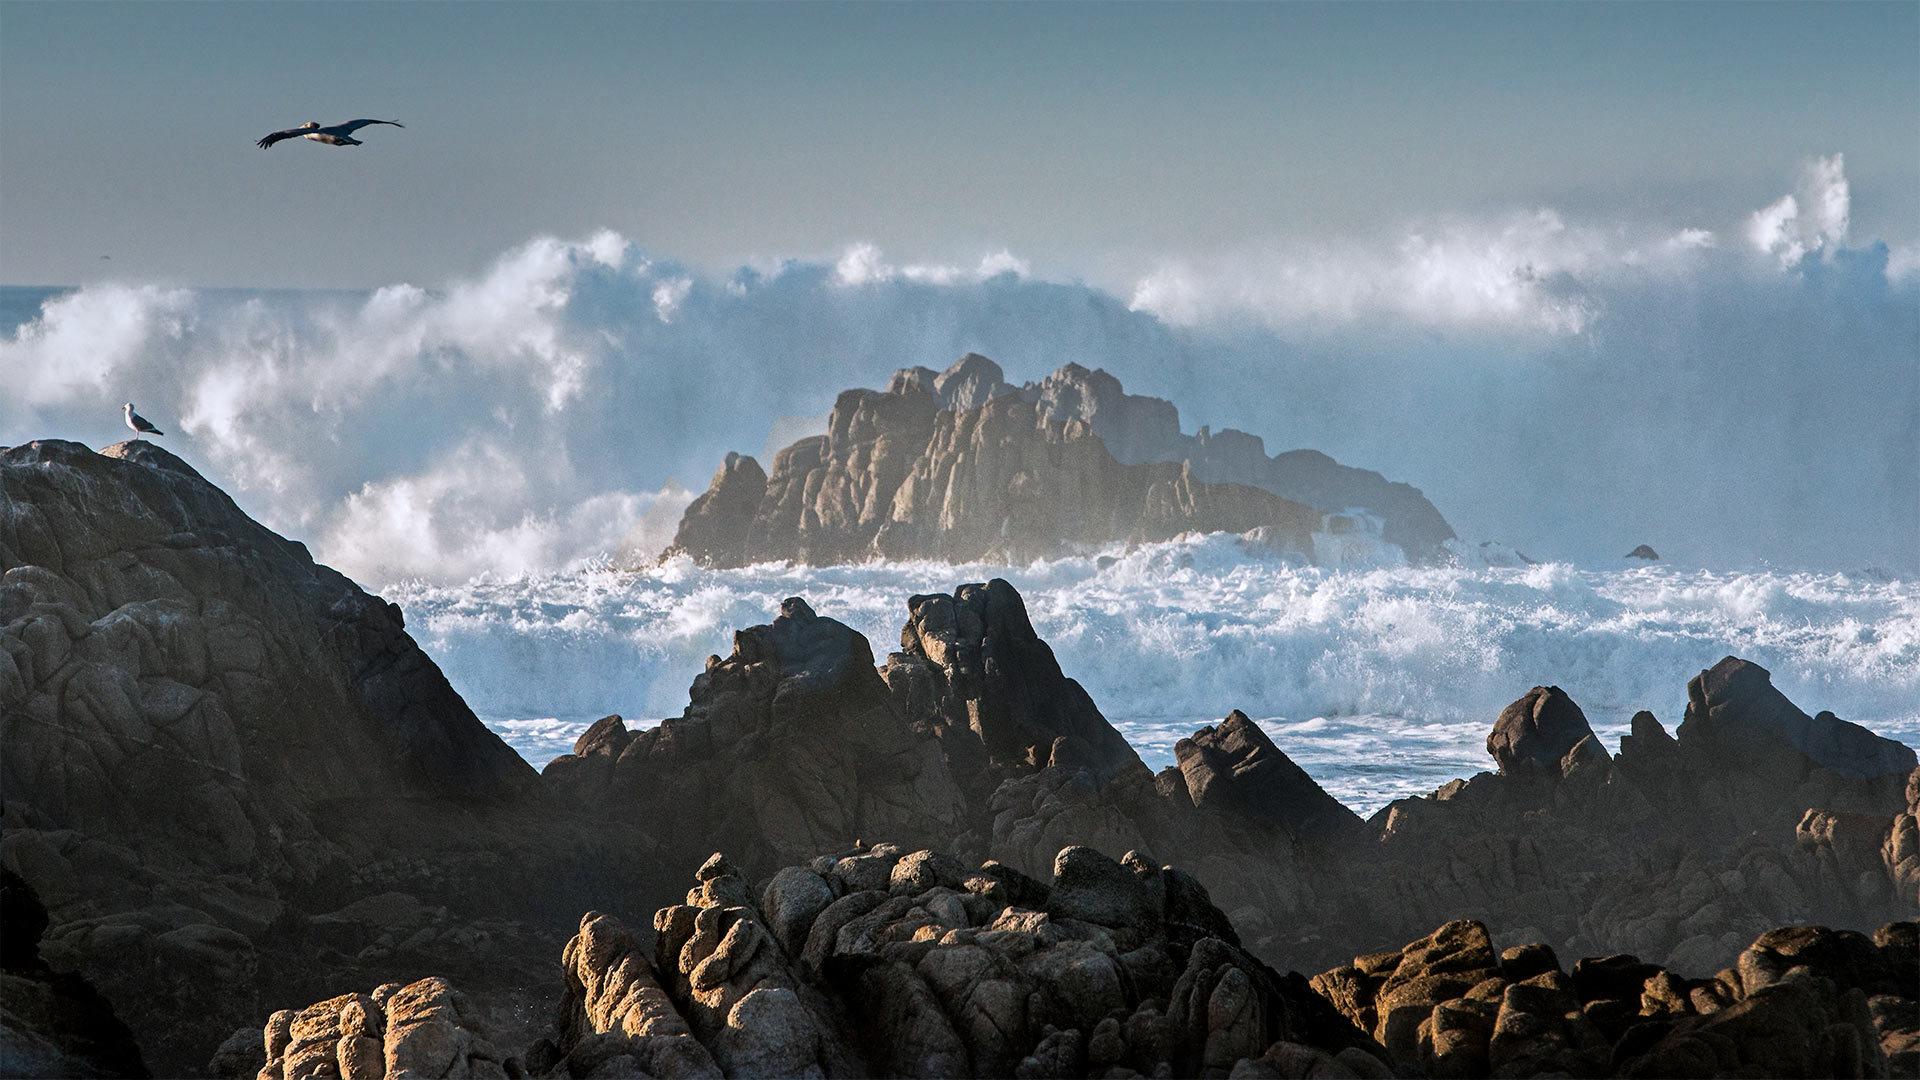 巨浪冲击着阿斯洛玛尔州立海滩的岩石阿斯洛玛尔州立海滩